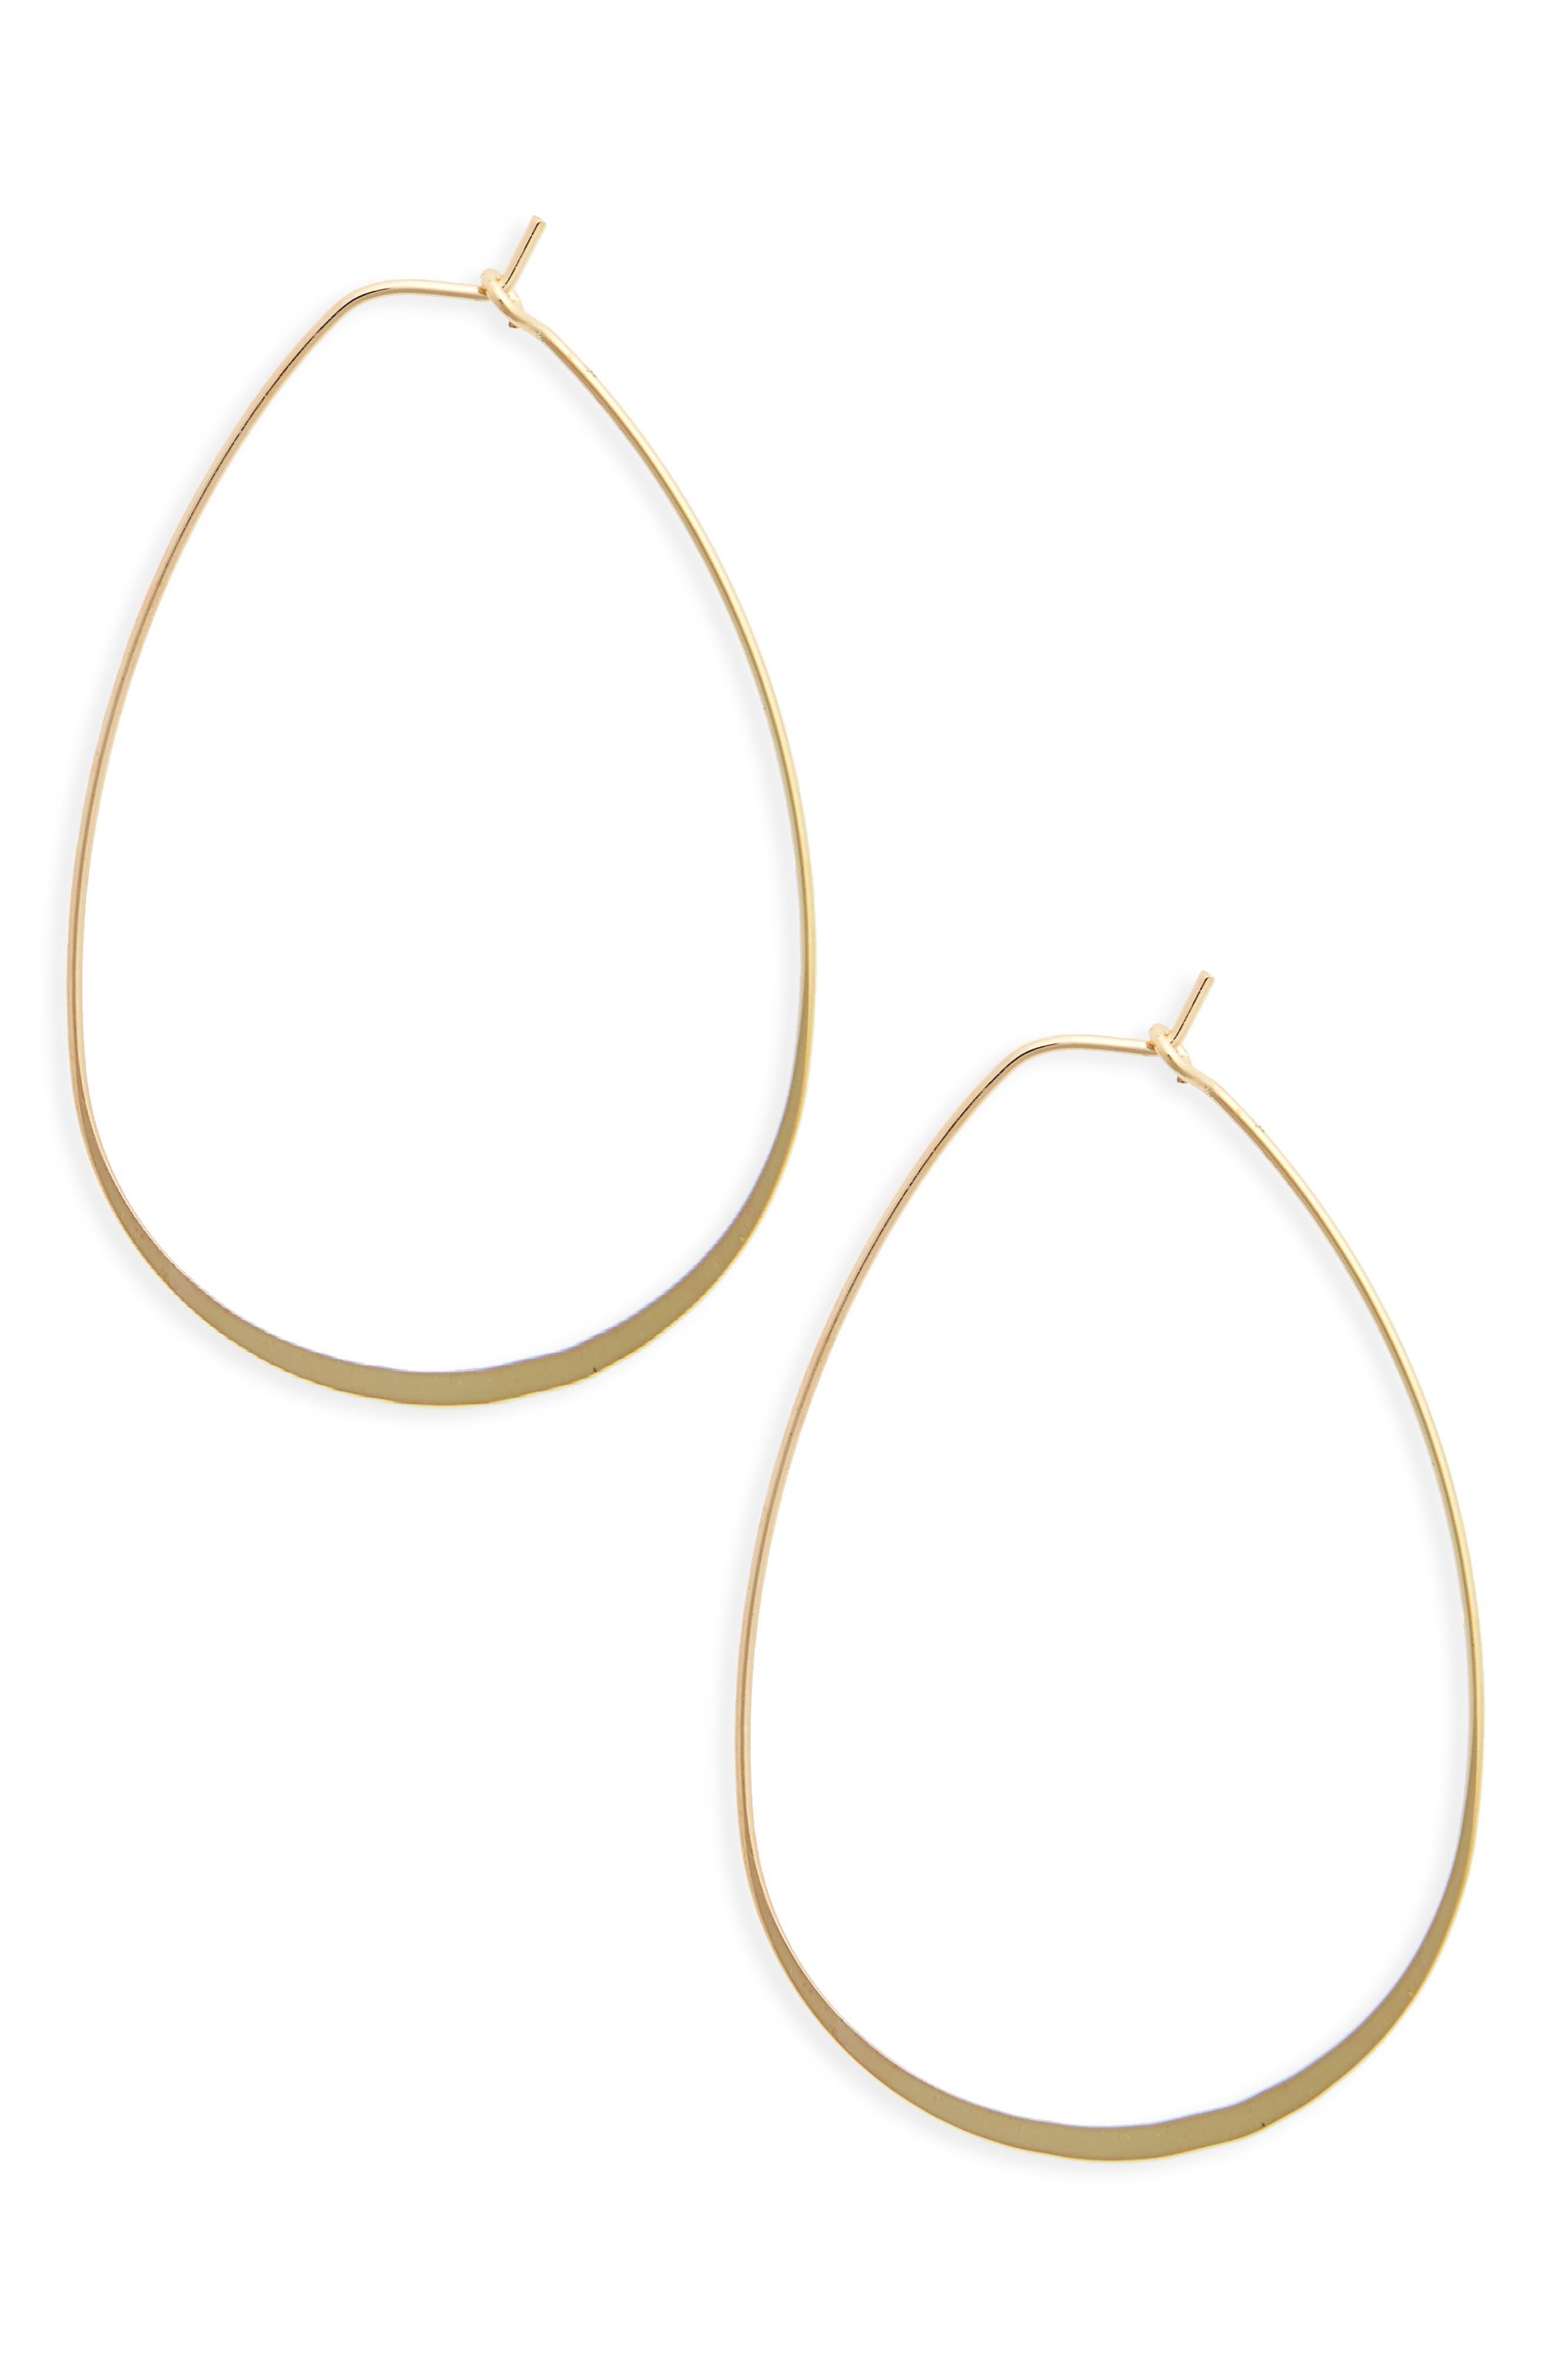 Alternate Image 1 Selected - BP. Flat Oval Hoop Earrings